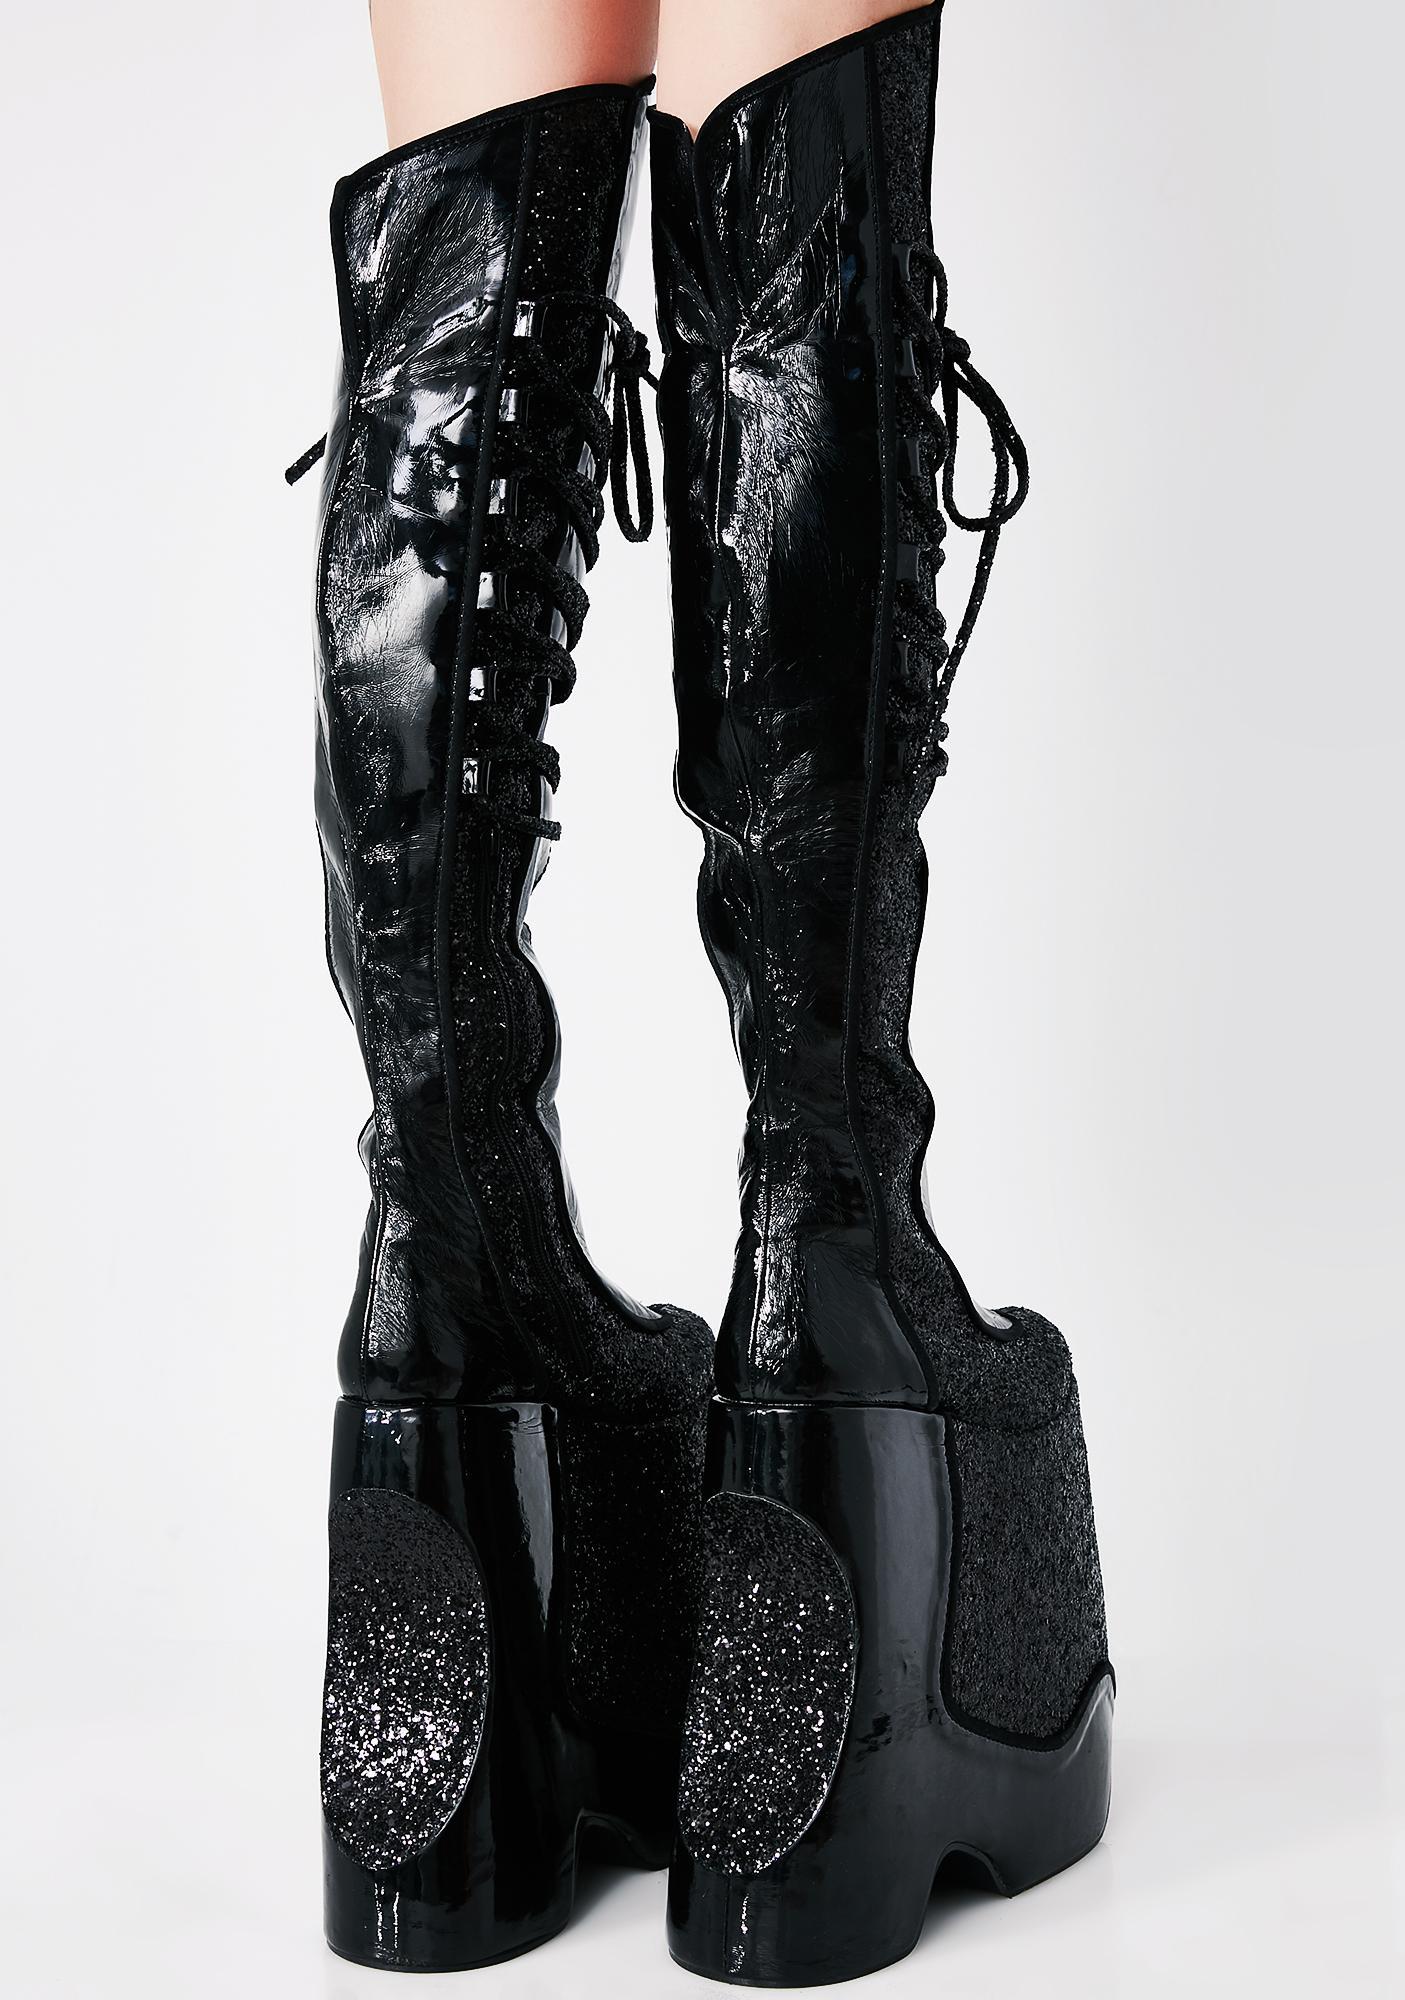 Pleaser Devious Fabulous Platform Boots